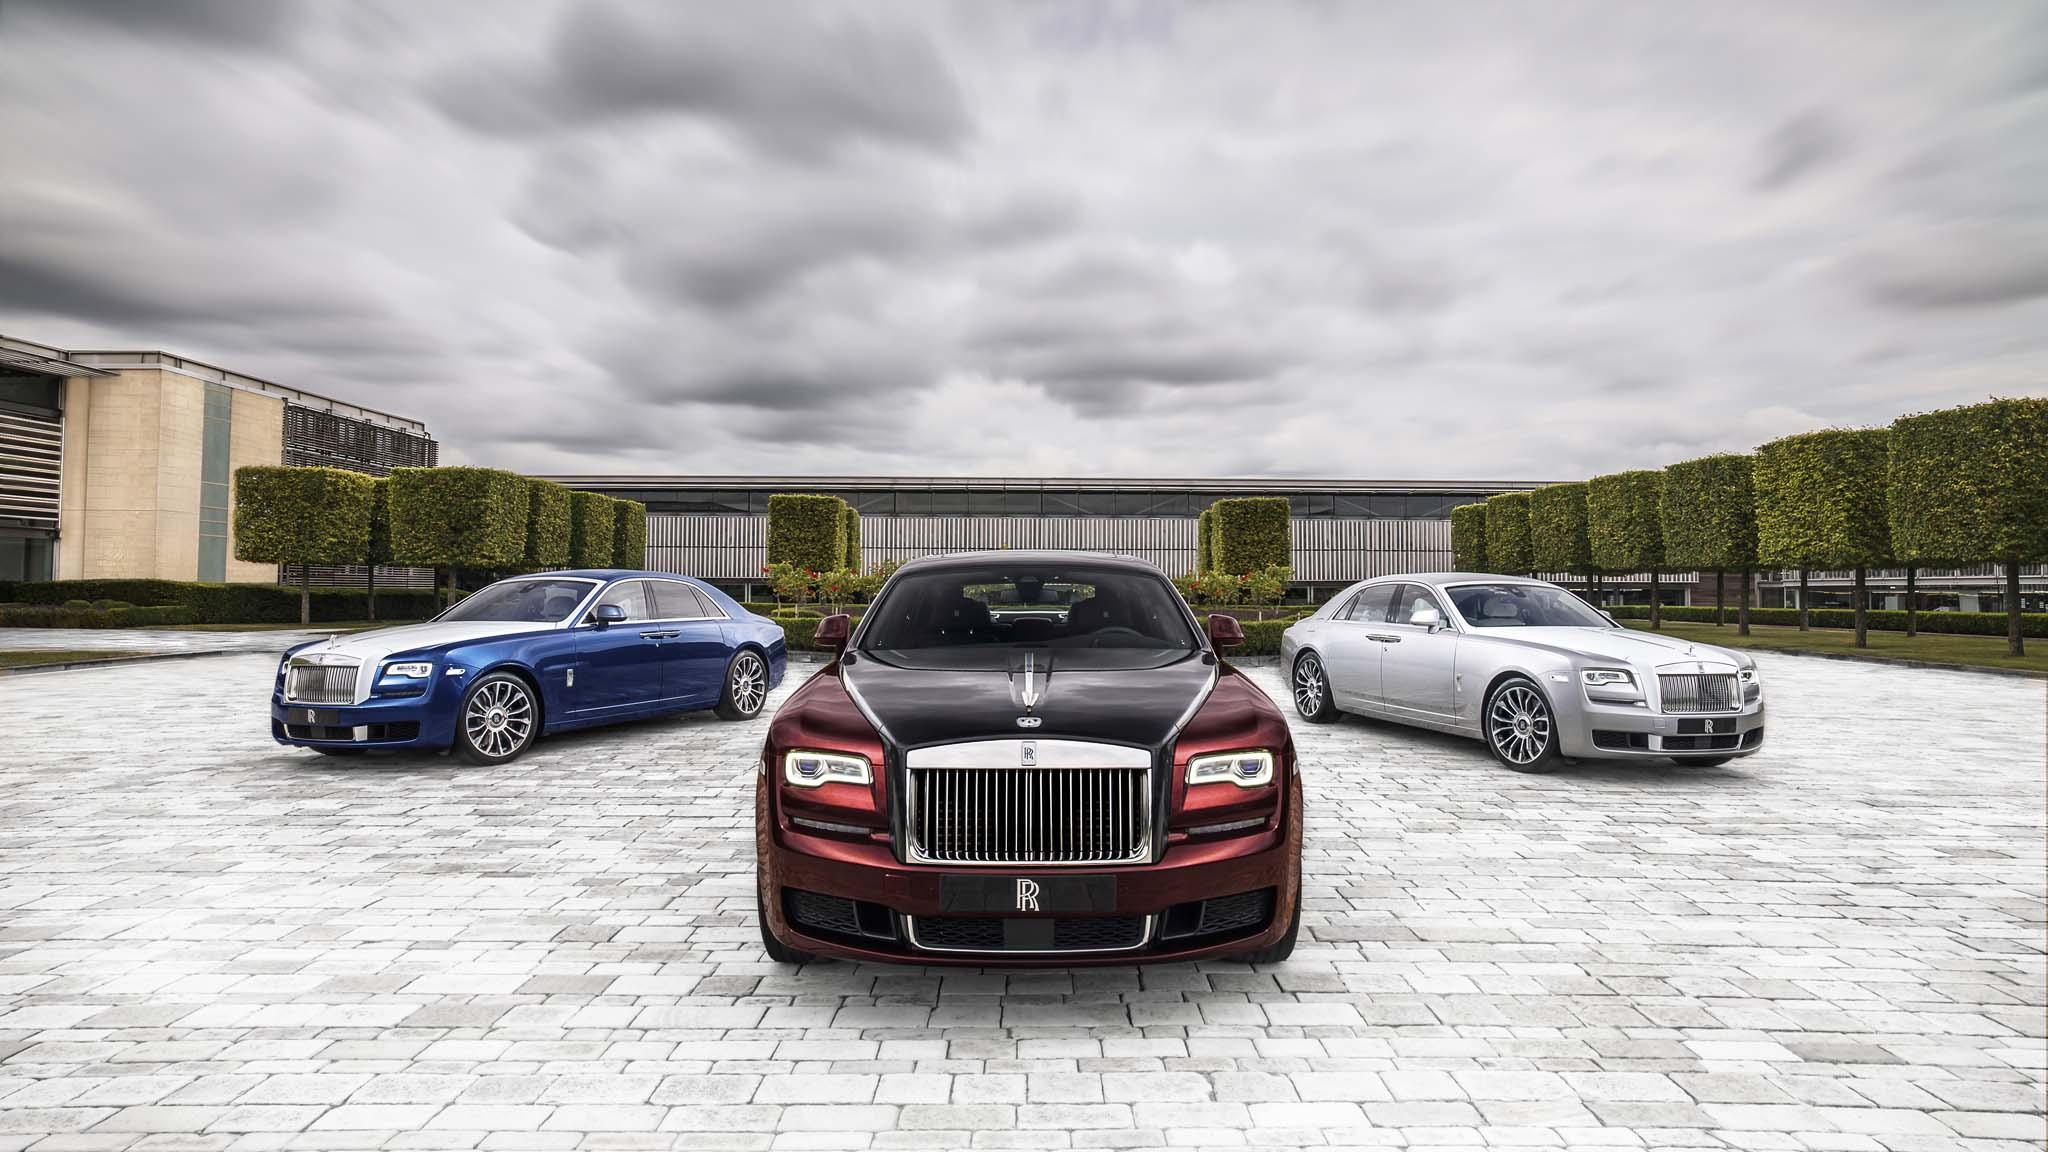 Rolls-Royce Temukan Inovasi Baru Untuk Ghost, Illuminated Fascia